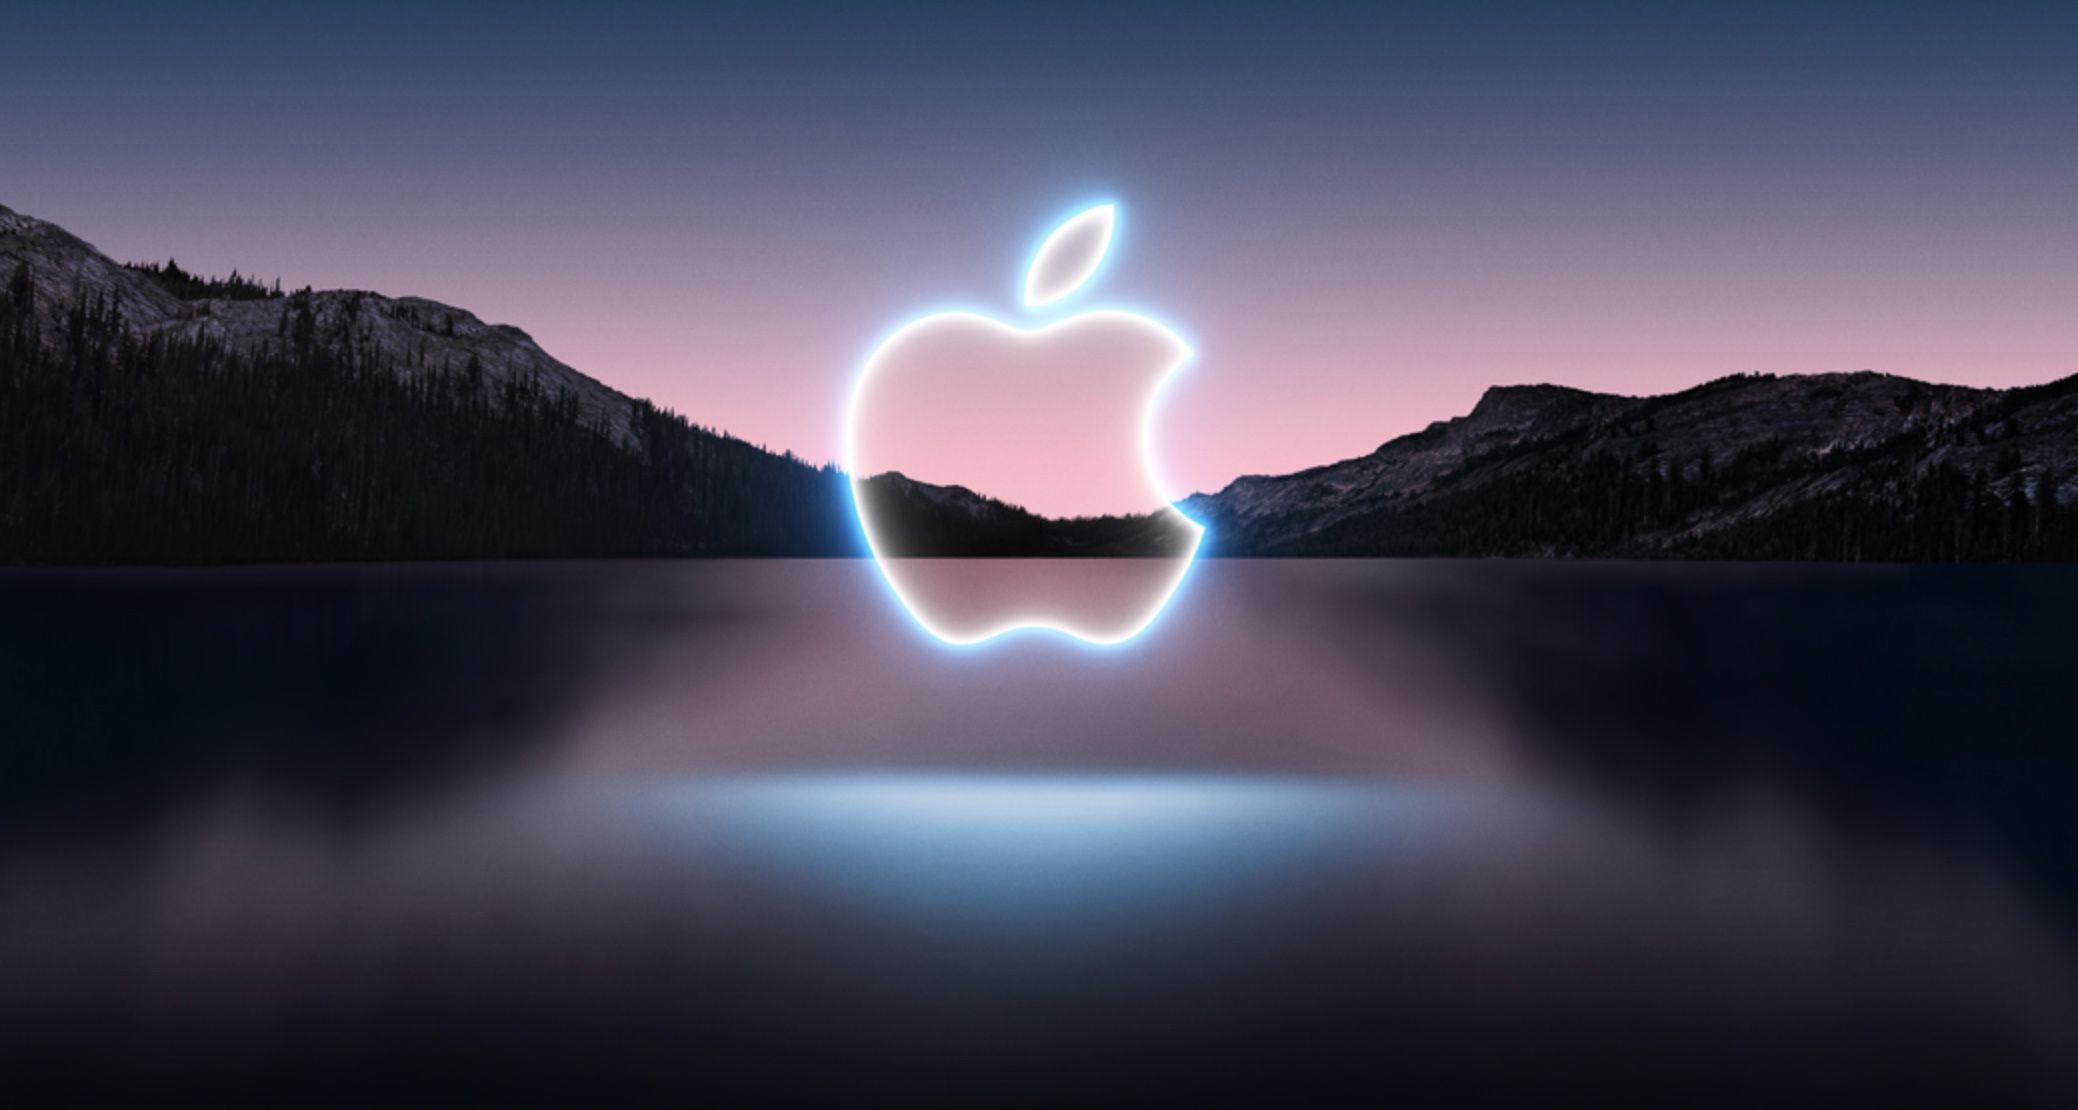 Offizieller Termin bekannt: Apple stellt das neue iPhone 13 am 14. September vor!